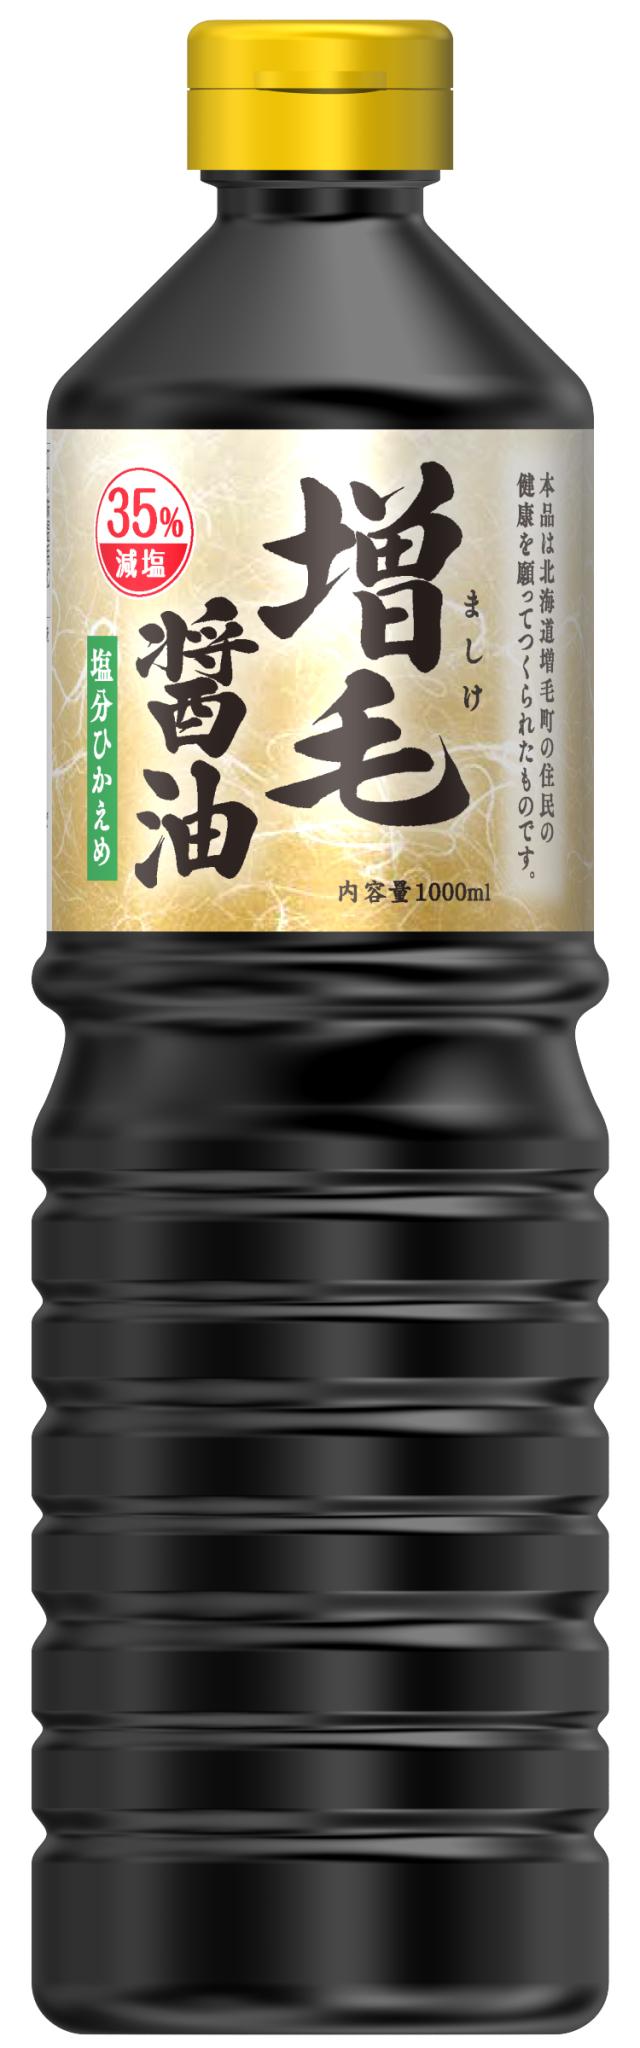 増毛醤油 塩分ひかえめ 1L